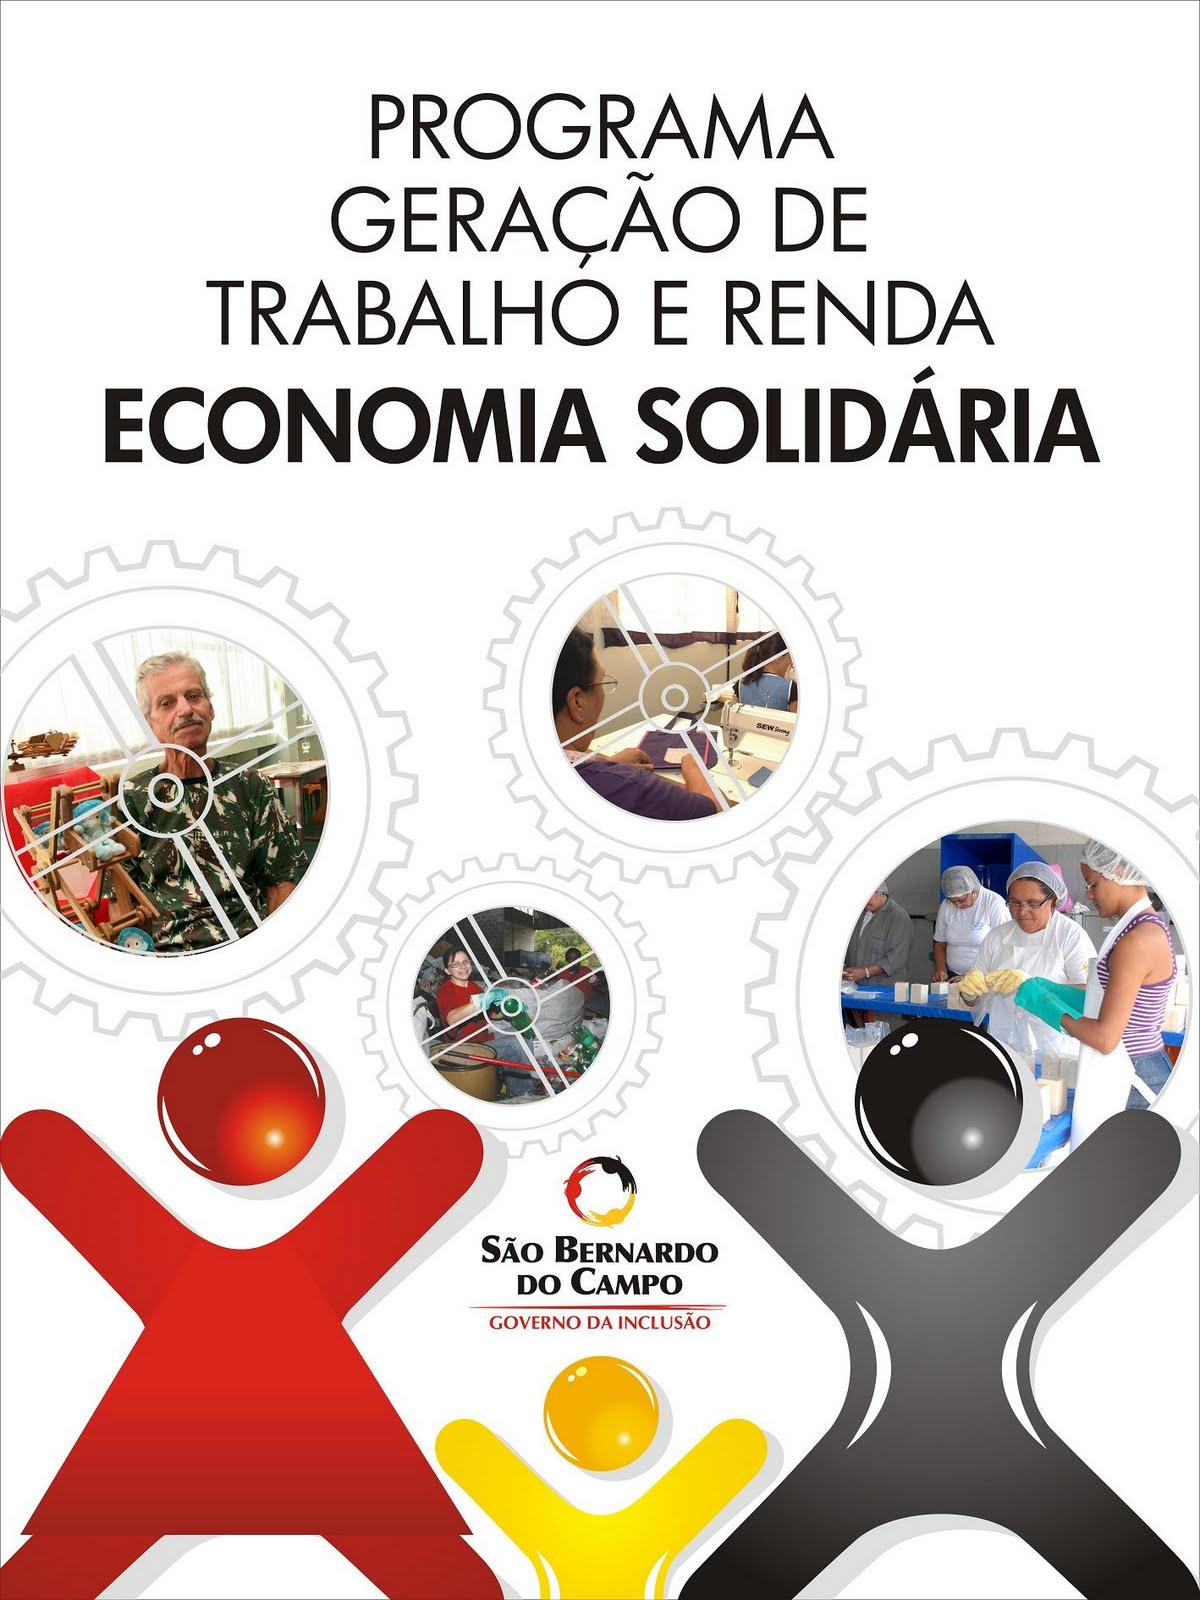 OFICINA SOLIDÁRIA: Programa de Geração de Trabalho e Renda Economia  #C7A904 1200 1600